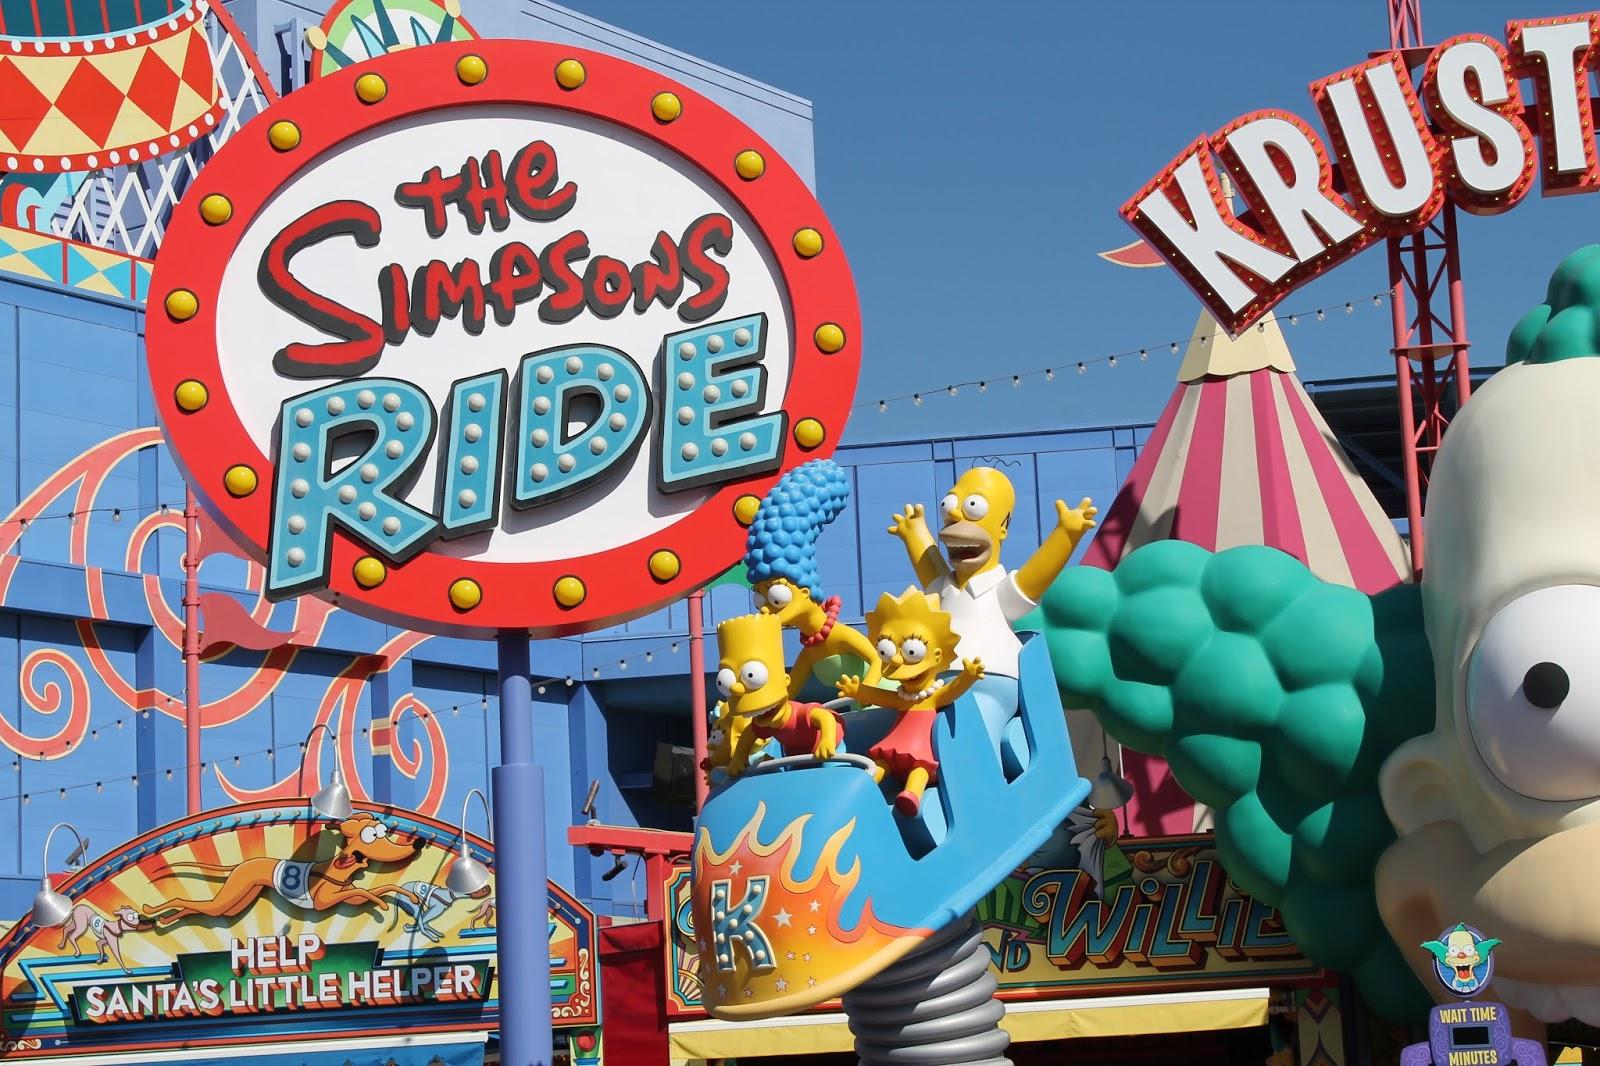 USA états unis amérique vacance transat roadtrip ouest américain universal studios the simpsopns ride